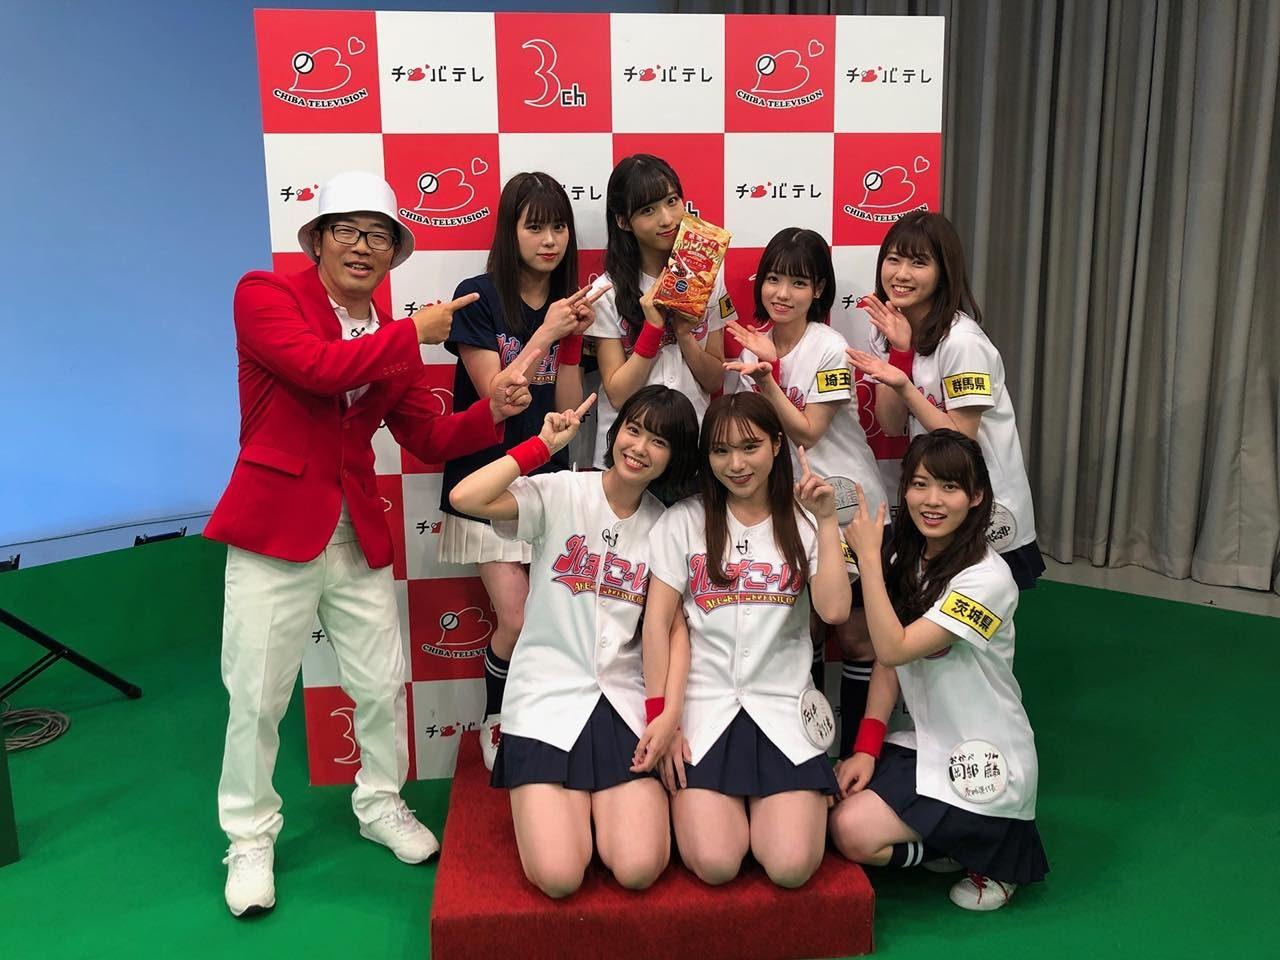 小栗有以に息抜き疑惑が発生!潔白を証明するために大奮闘! チバテレ「AKB48チーム8のKANTO白書 バッチこーい!」#45 [8/4 23:30~]